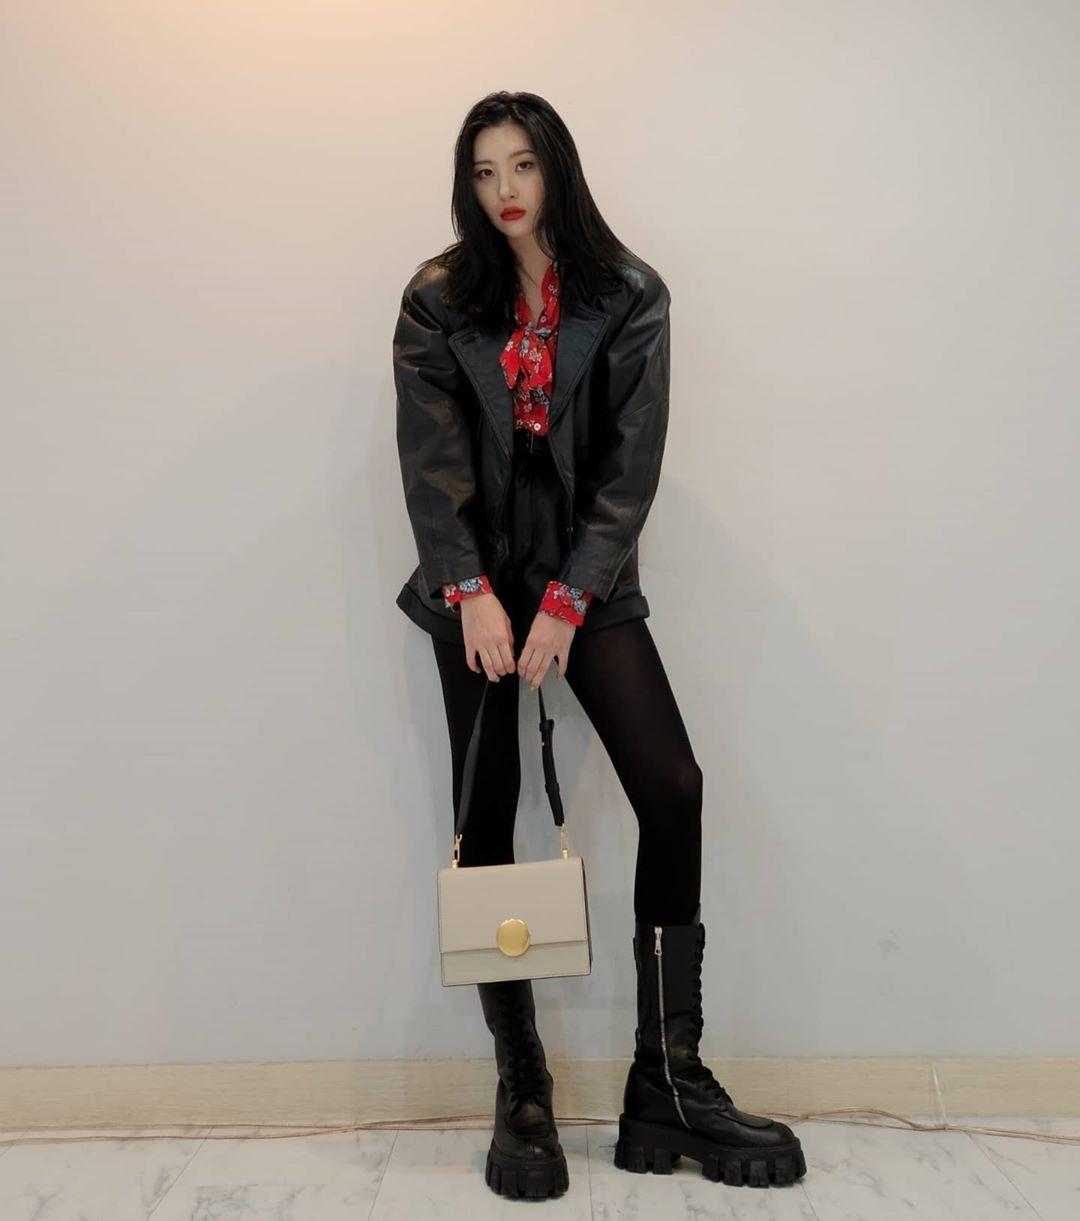 Sao Hàn Sunmi mặc đồ da và mang bốt da